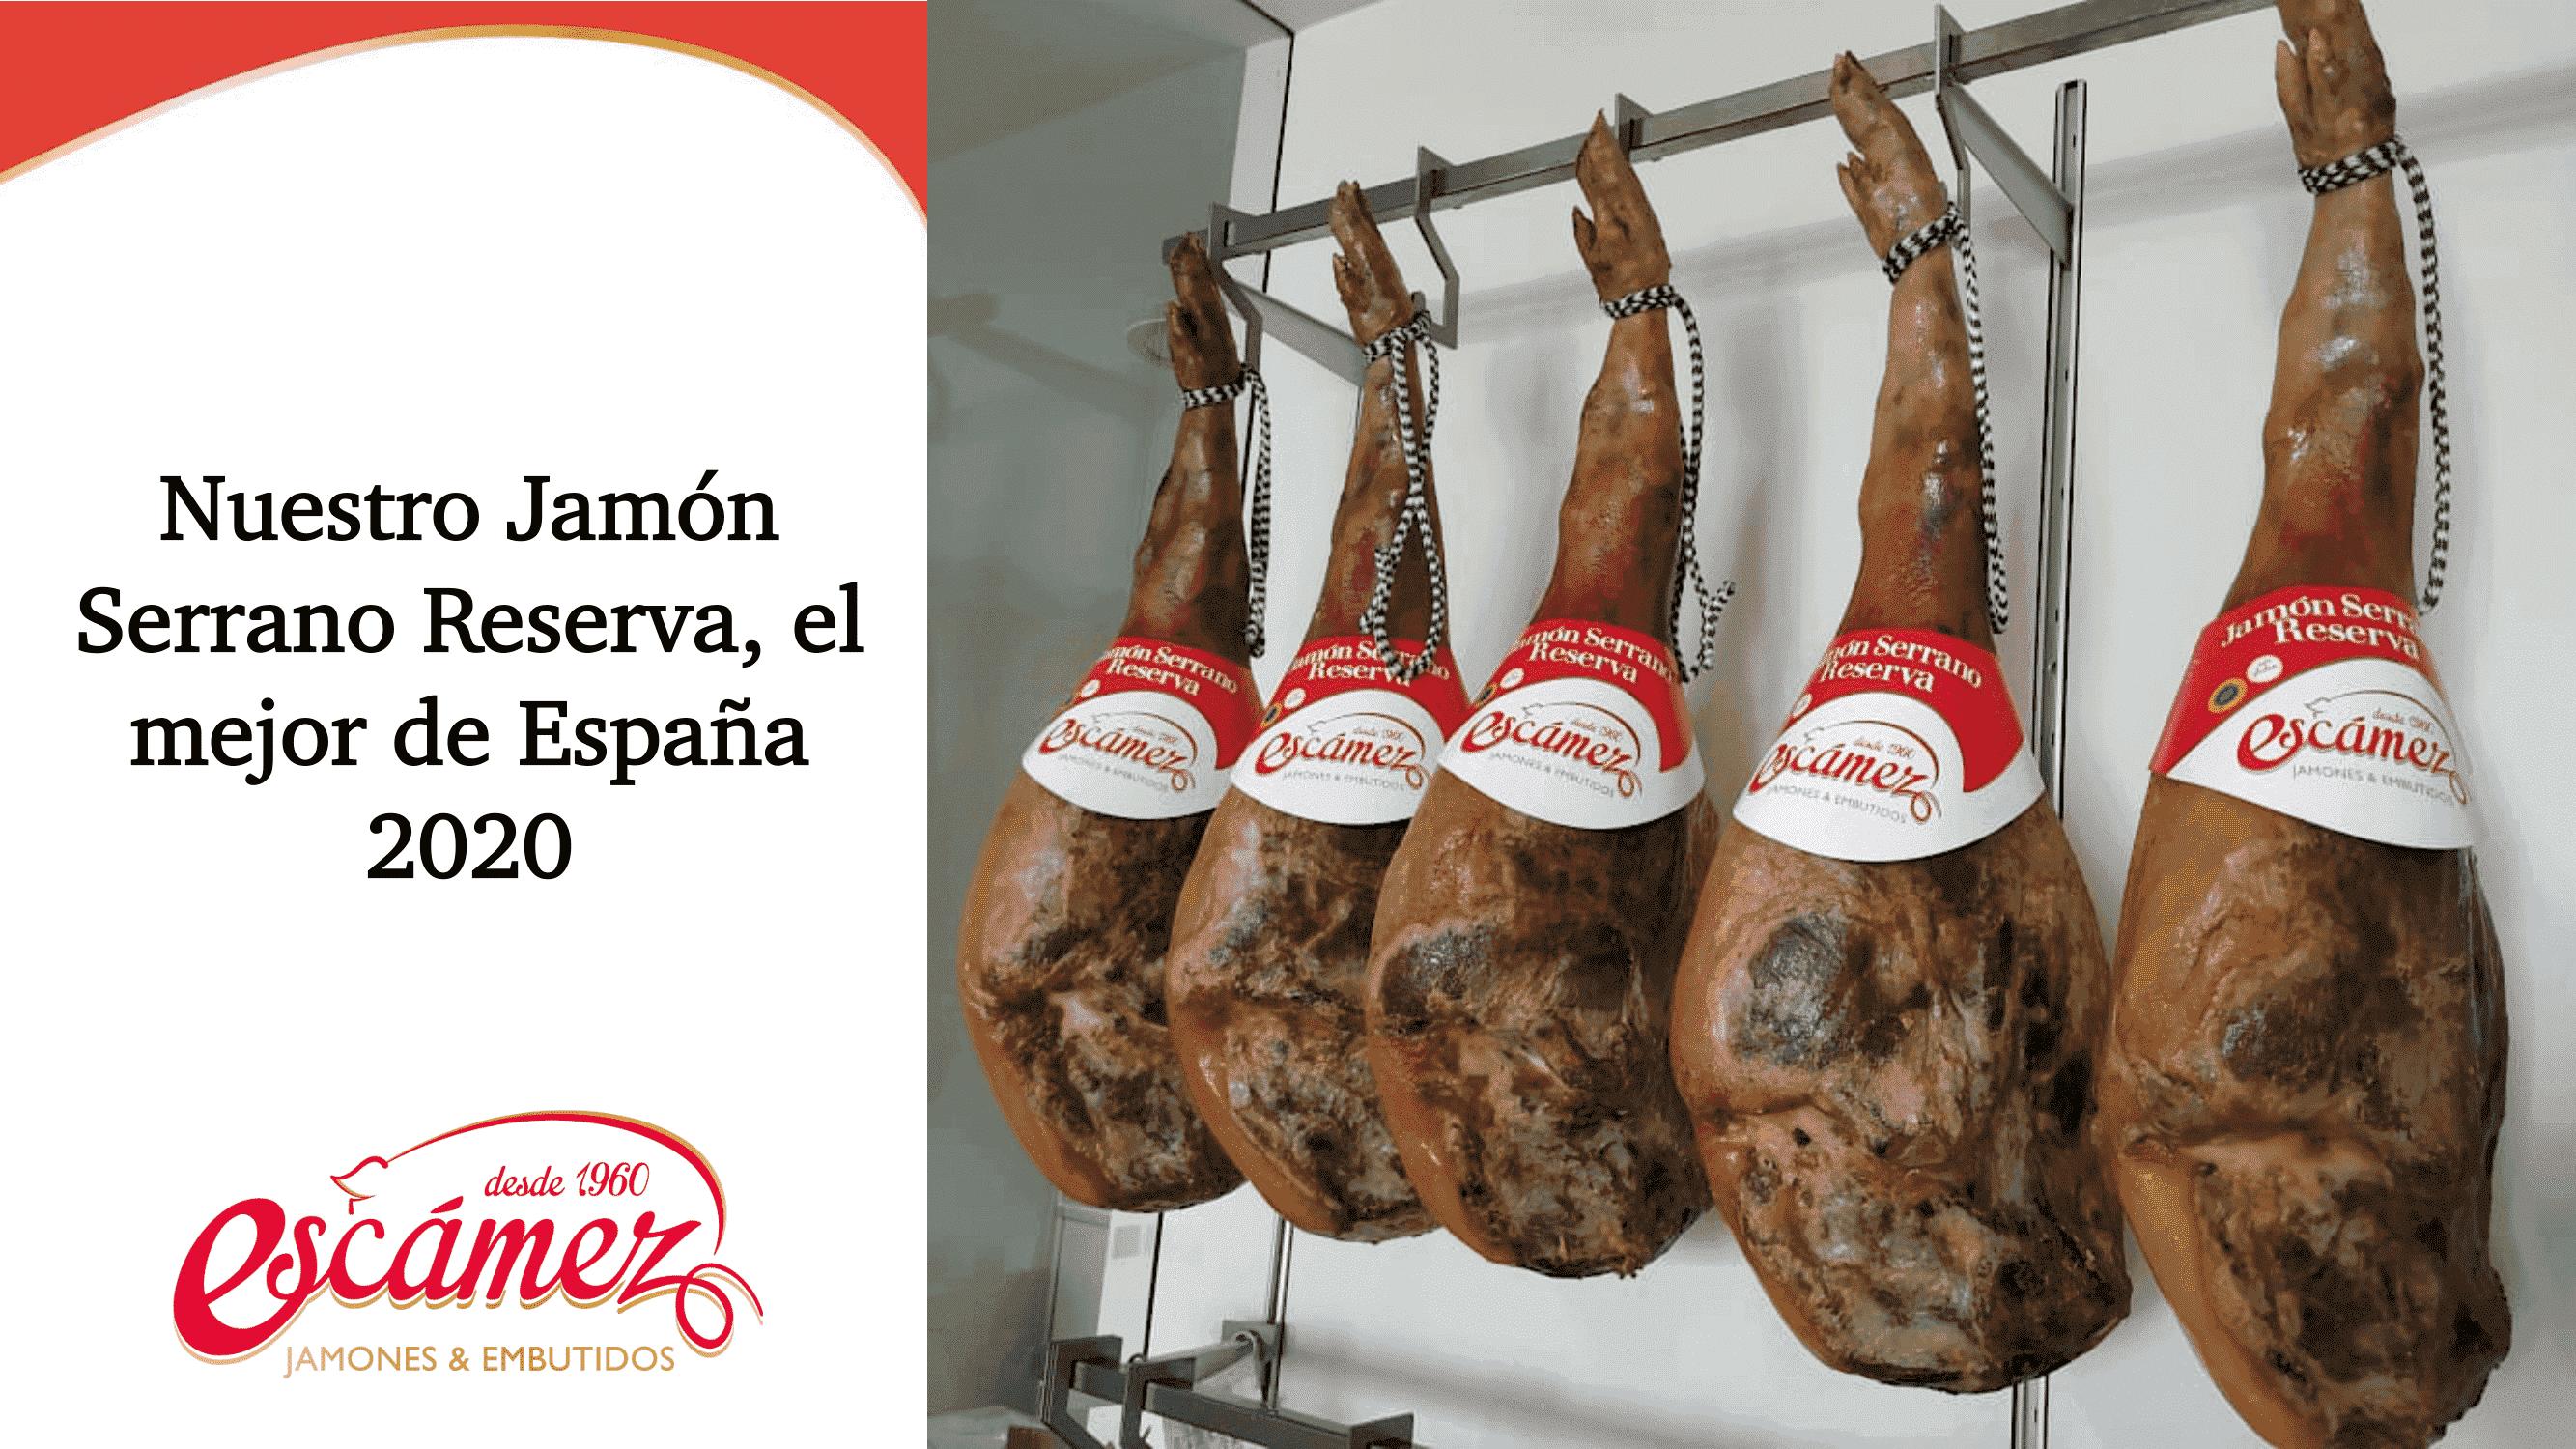 Jamón serrano de reserva de Embutidos Escámez, premiado como el mejor de España 2020